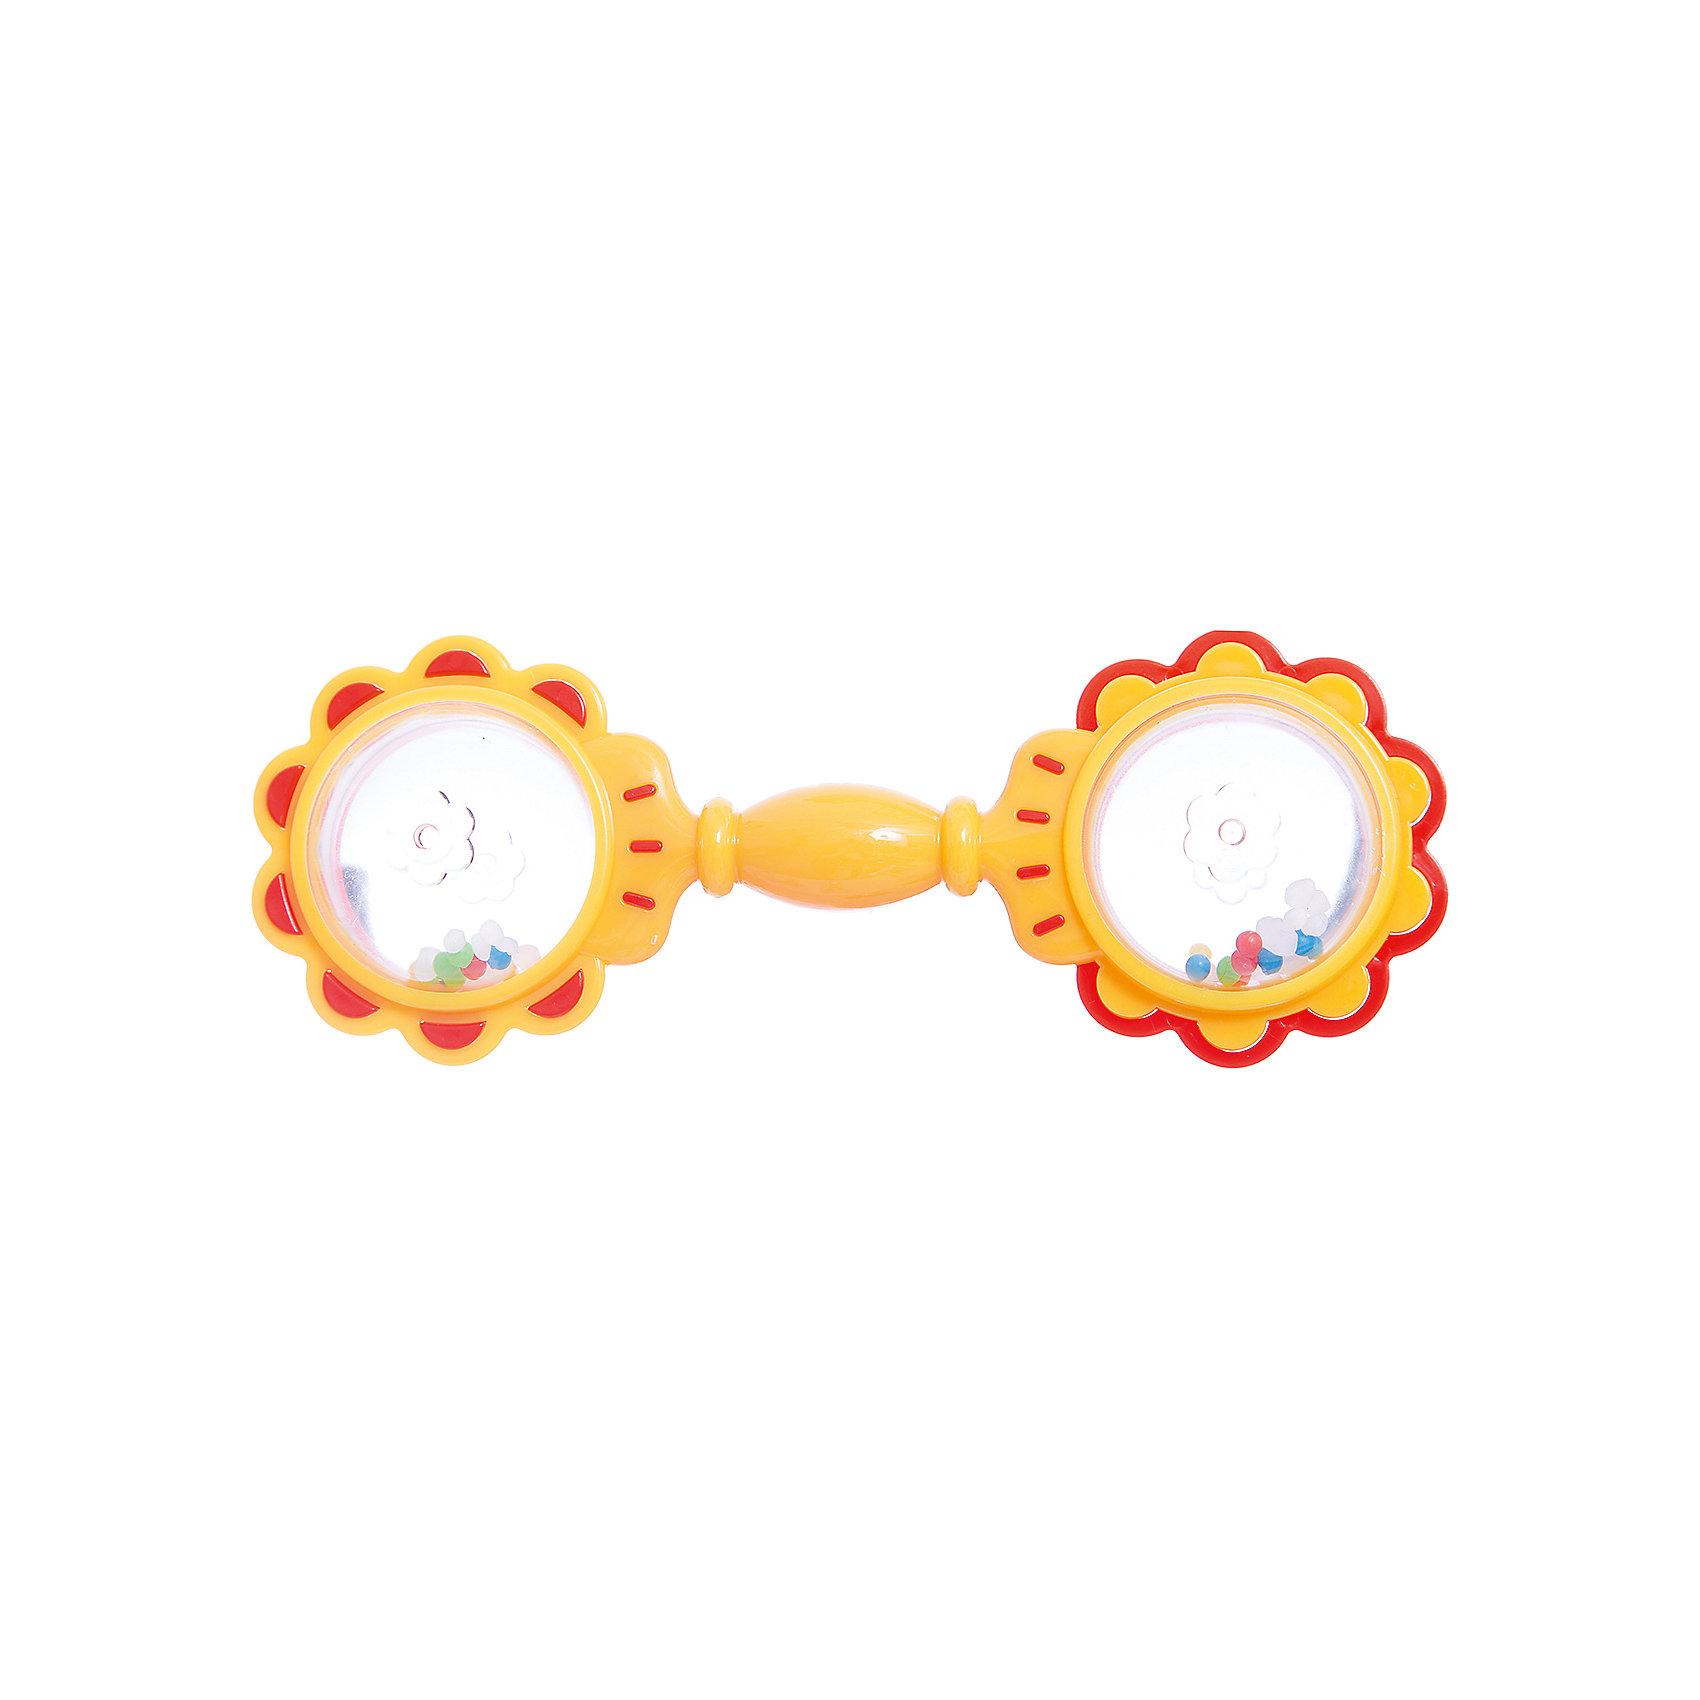 Погремушка Восьмерка, СтелларПогремушки<br>Погремушка Восьмерка, Стеллар (Stellar) - яркая красочная игрушка, которая обязательно привлечет внимание Вашего малыша. Ярко-красная погремушка выполнена в форме восьмерки с двумя прозрачными сферами, в которых перекатываются разноцветные шарики. Игрушка развивает слуховое и пространственное восприятие, учит находить источник звука, сосредотачиваться и следить за движением предмета.<br><br>Дополнительная информация:<br><br>- Материал: полистирол. <br>- Размер: 12,5 х 3 х 22,5 см.<br><br>Погремушку Восьмерка, Стеллар можно купить в нашем интернет-магазине.<br><br>Ширина мм: 30<br>Глубина мм: 125<br>Высота мм: 225<br>Вес г: 53<br>Возраст от месяцев: 0<br>Возраст до месяцев: 12<br>Пол: Унисекс<br>Возраст: Детский<br>SKU: 3725725